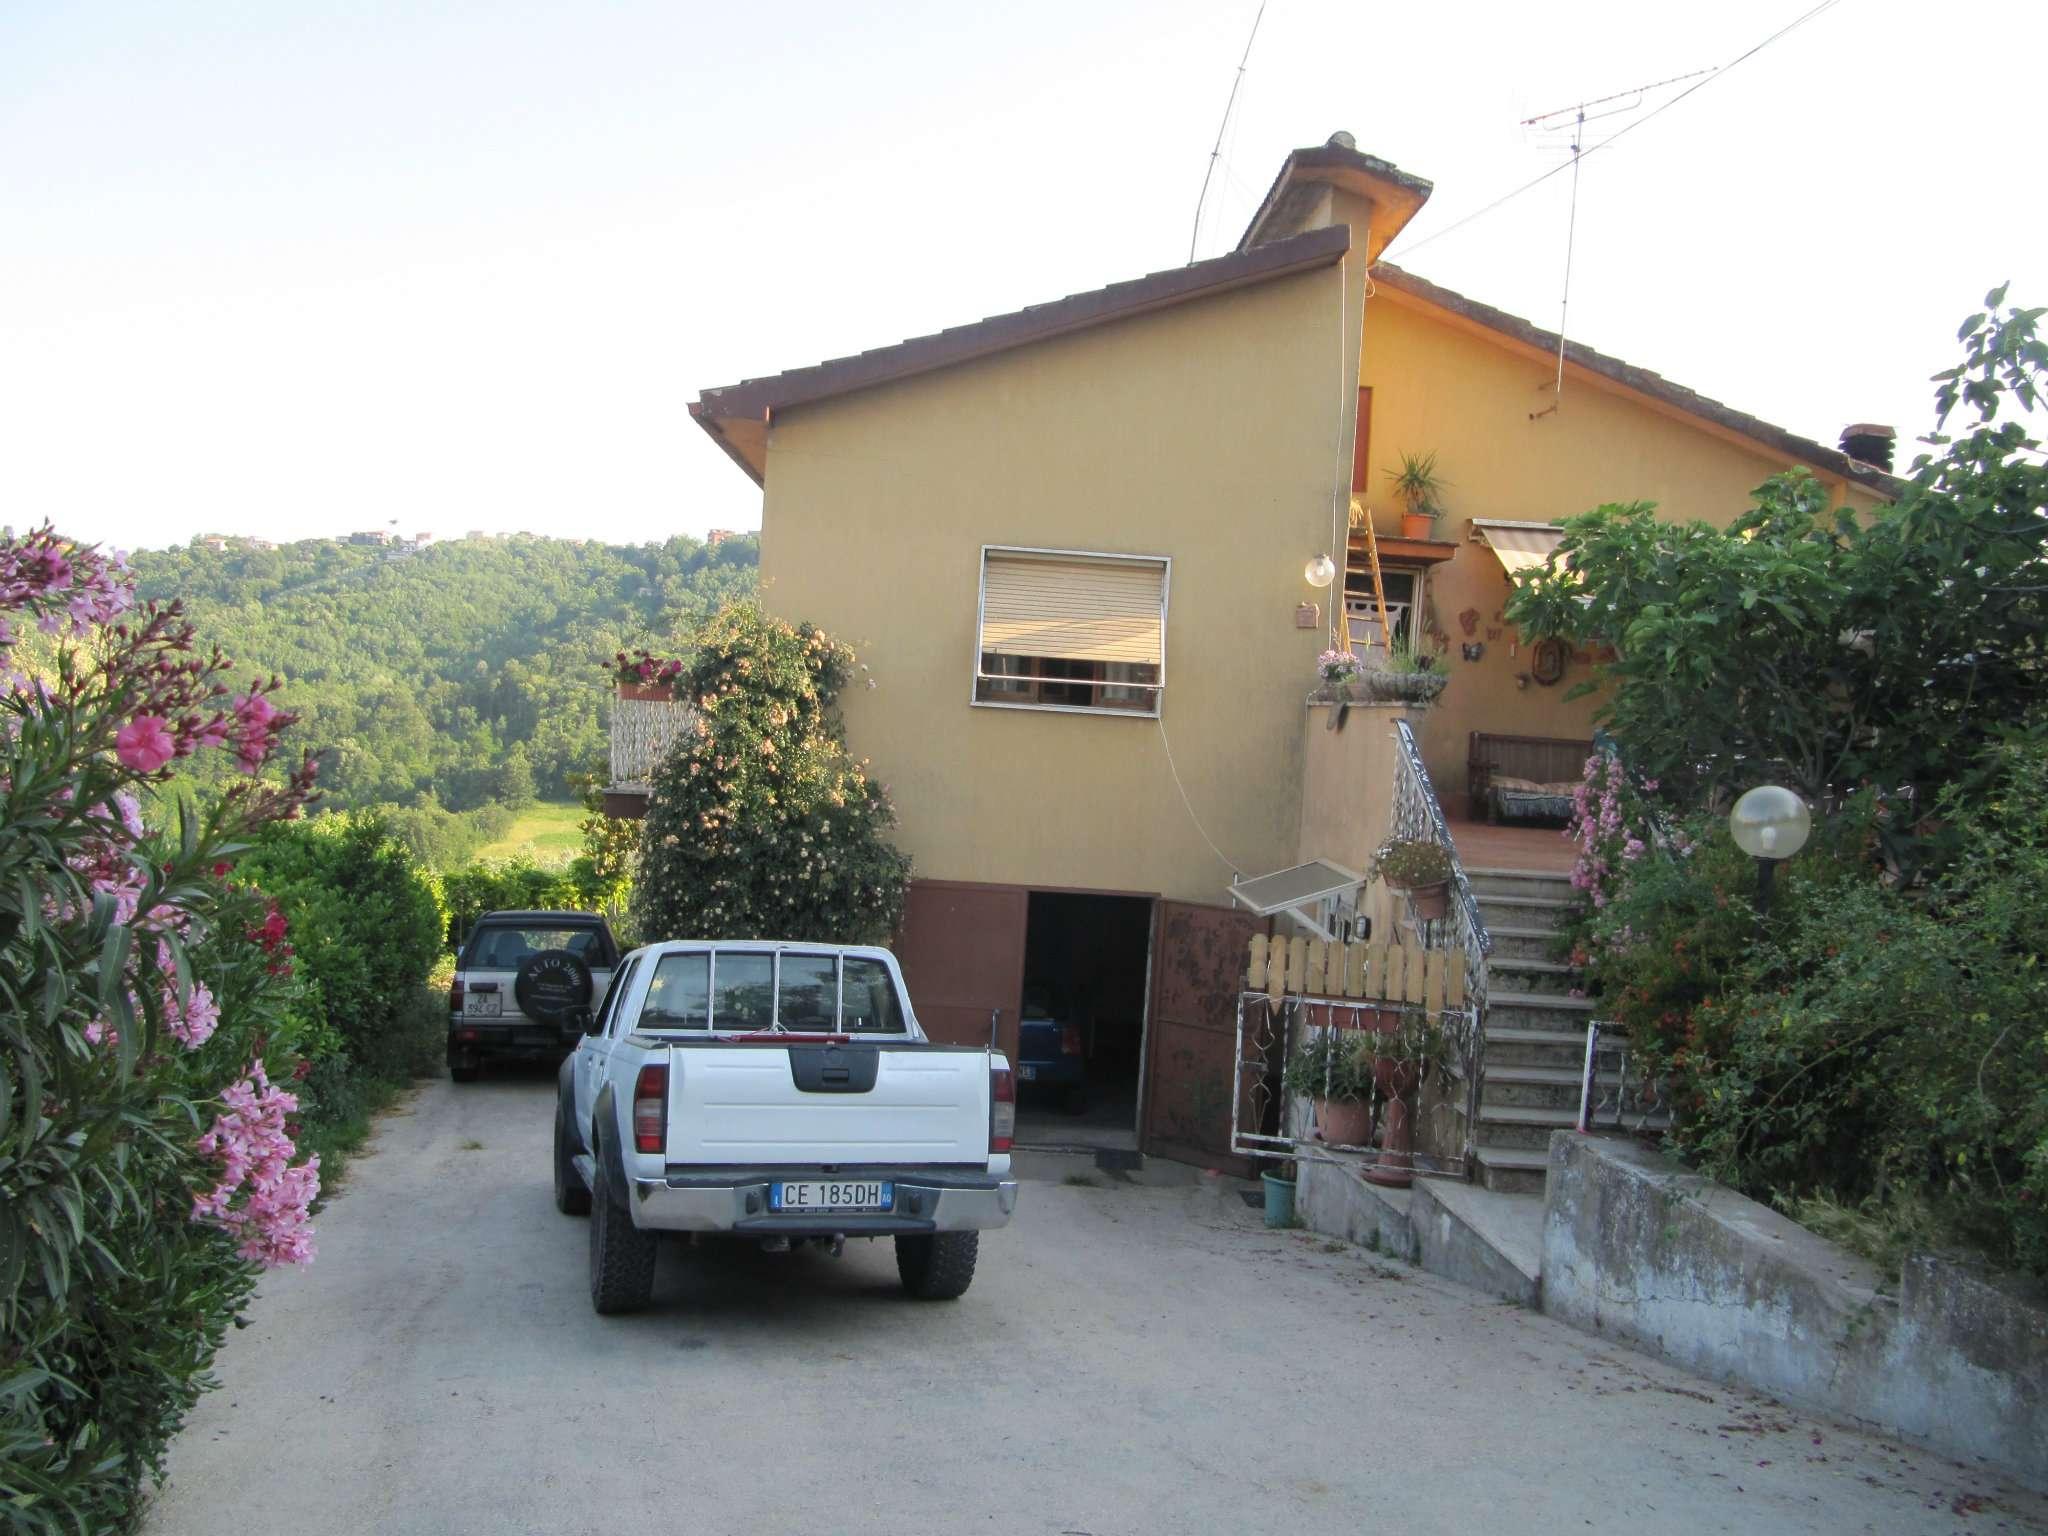 Soluzione Indipendente in vendita a Paliano, 5 locali, prezzo € 136.000 | CambioCasa.it